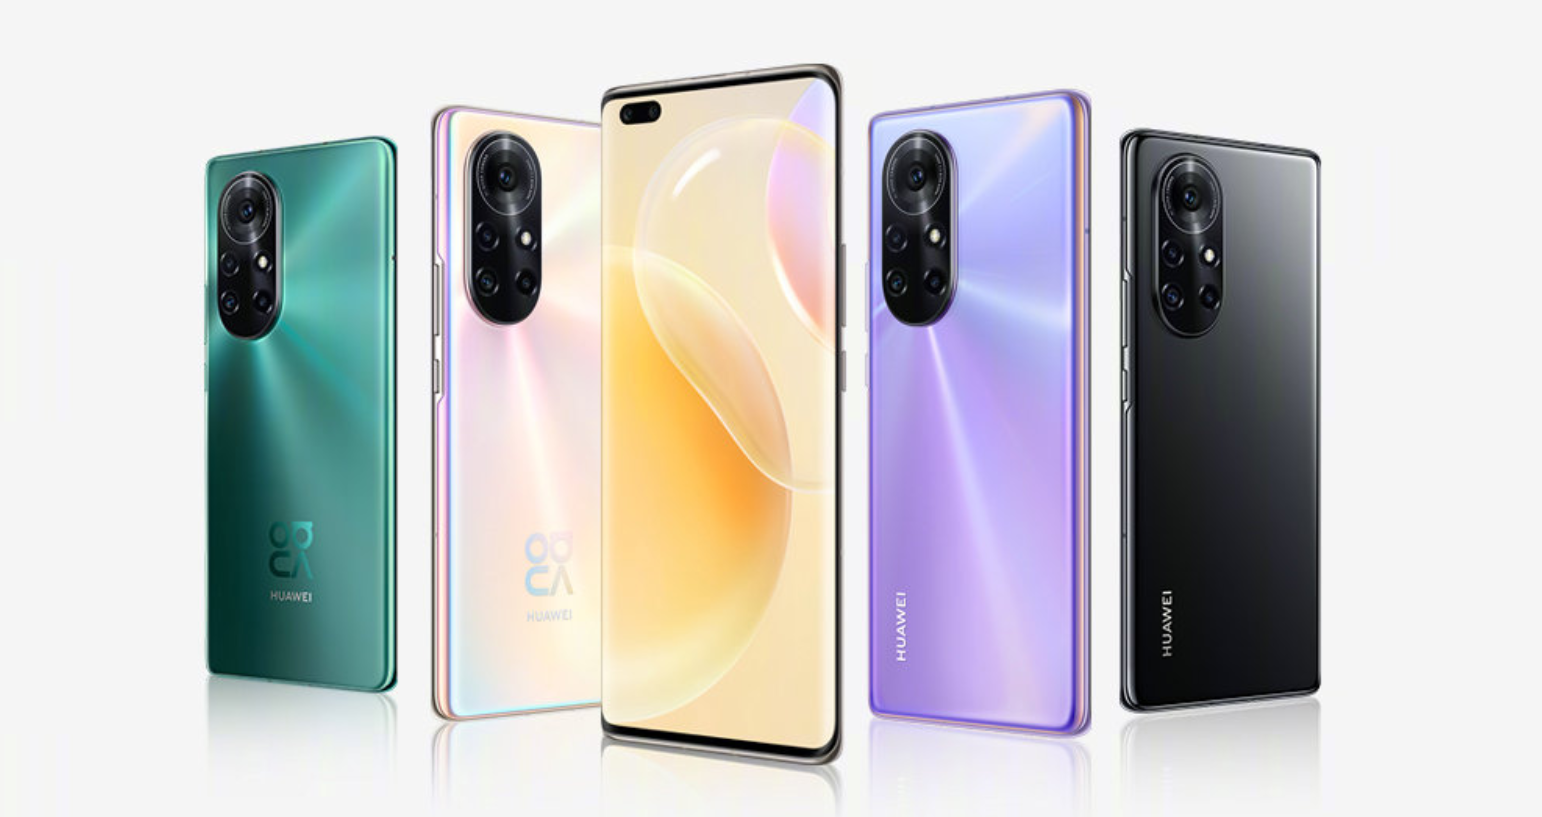 گوشیهای محبوب سری Nova 9 هواوی در راهاند